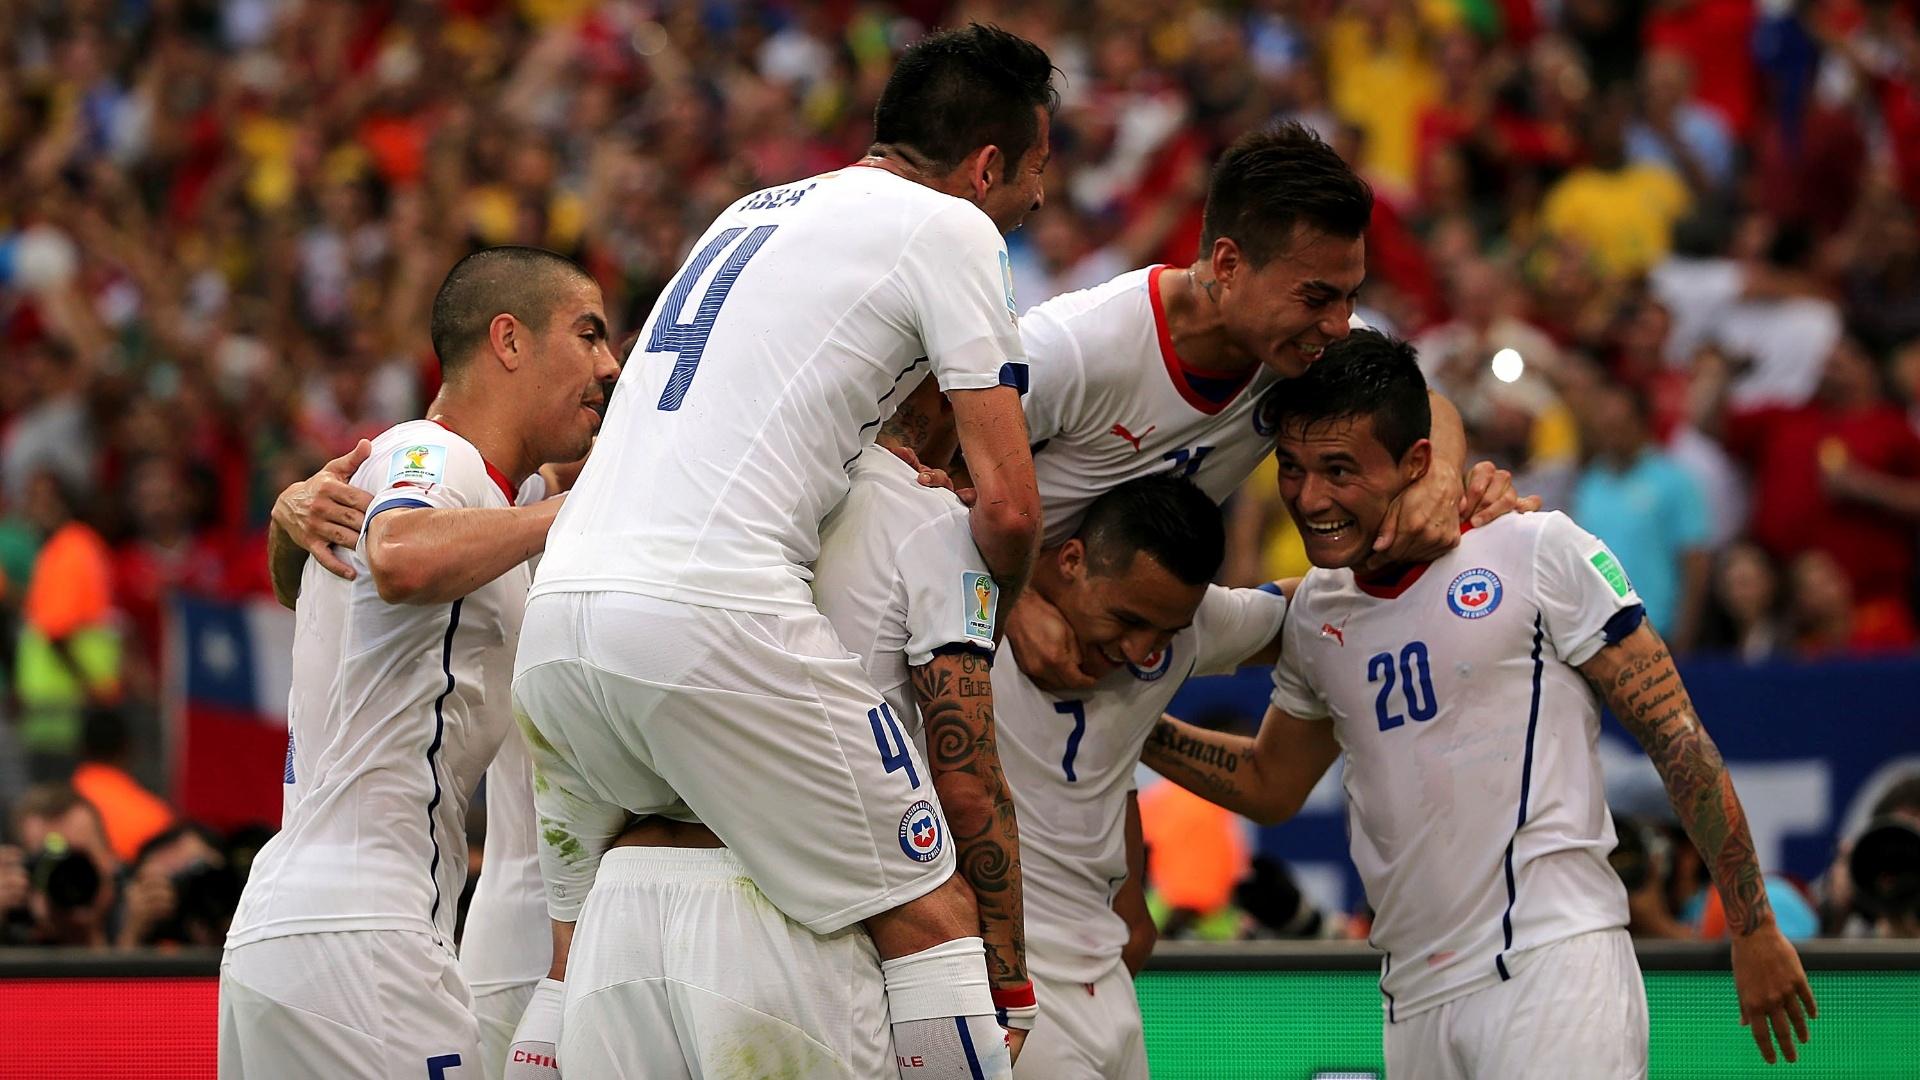 Chilenos comemoram o gol de Aránguiz contra a Espanha, o segundo no Maracanã